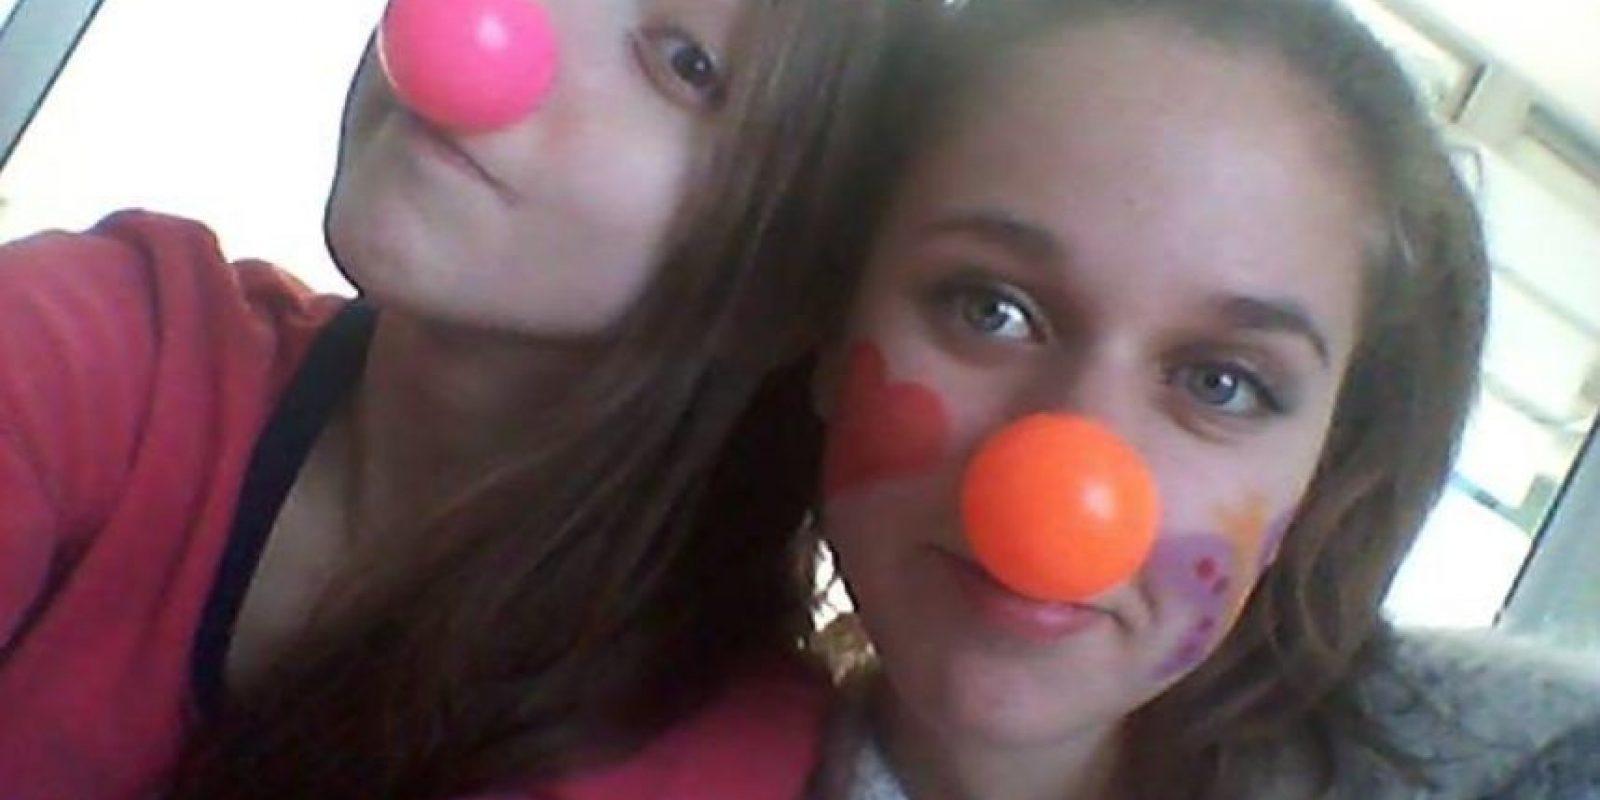 Valentina Maureira (izquierda) era una adolescente chilena de 14 años que padecía fibrosis quística. Foto:Vía facebook.com/miime12